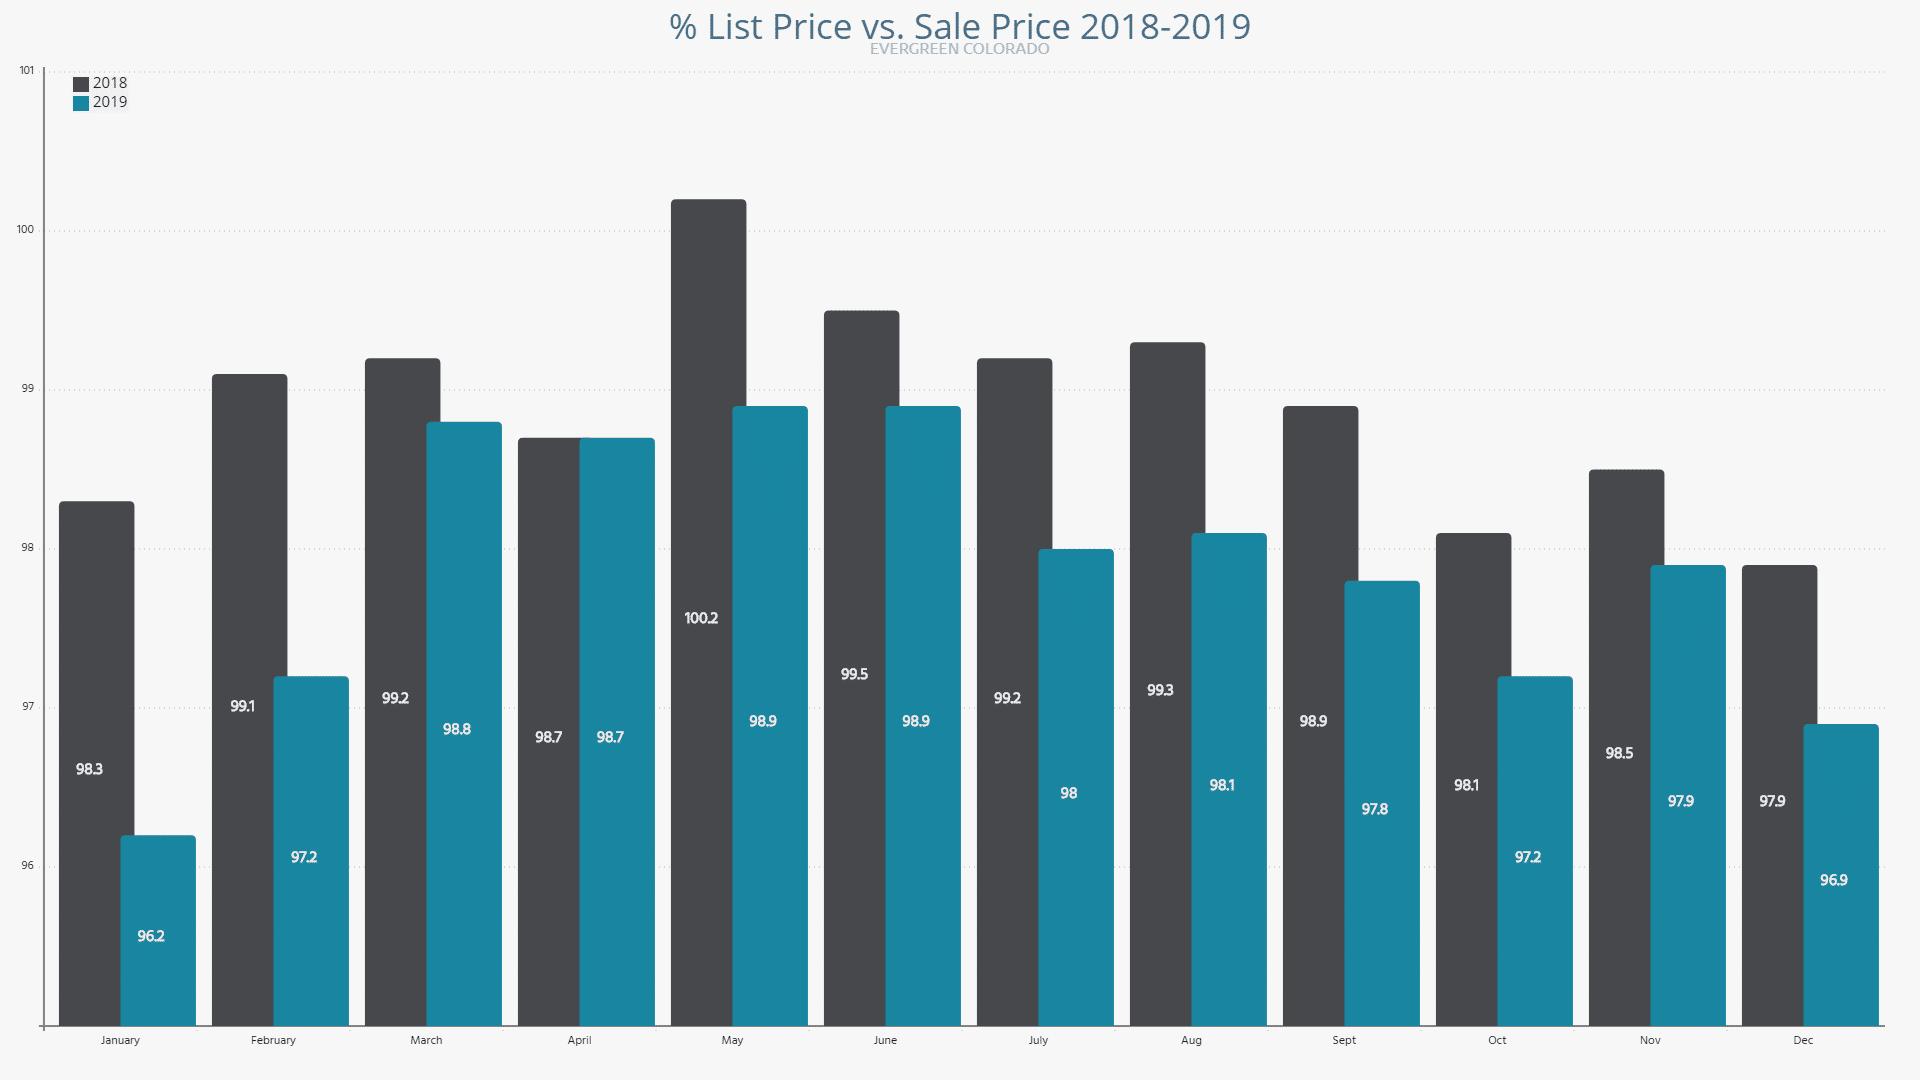 Evergreen Co List vs Sale Price 2018 -2019 Comparison